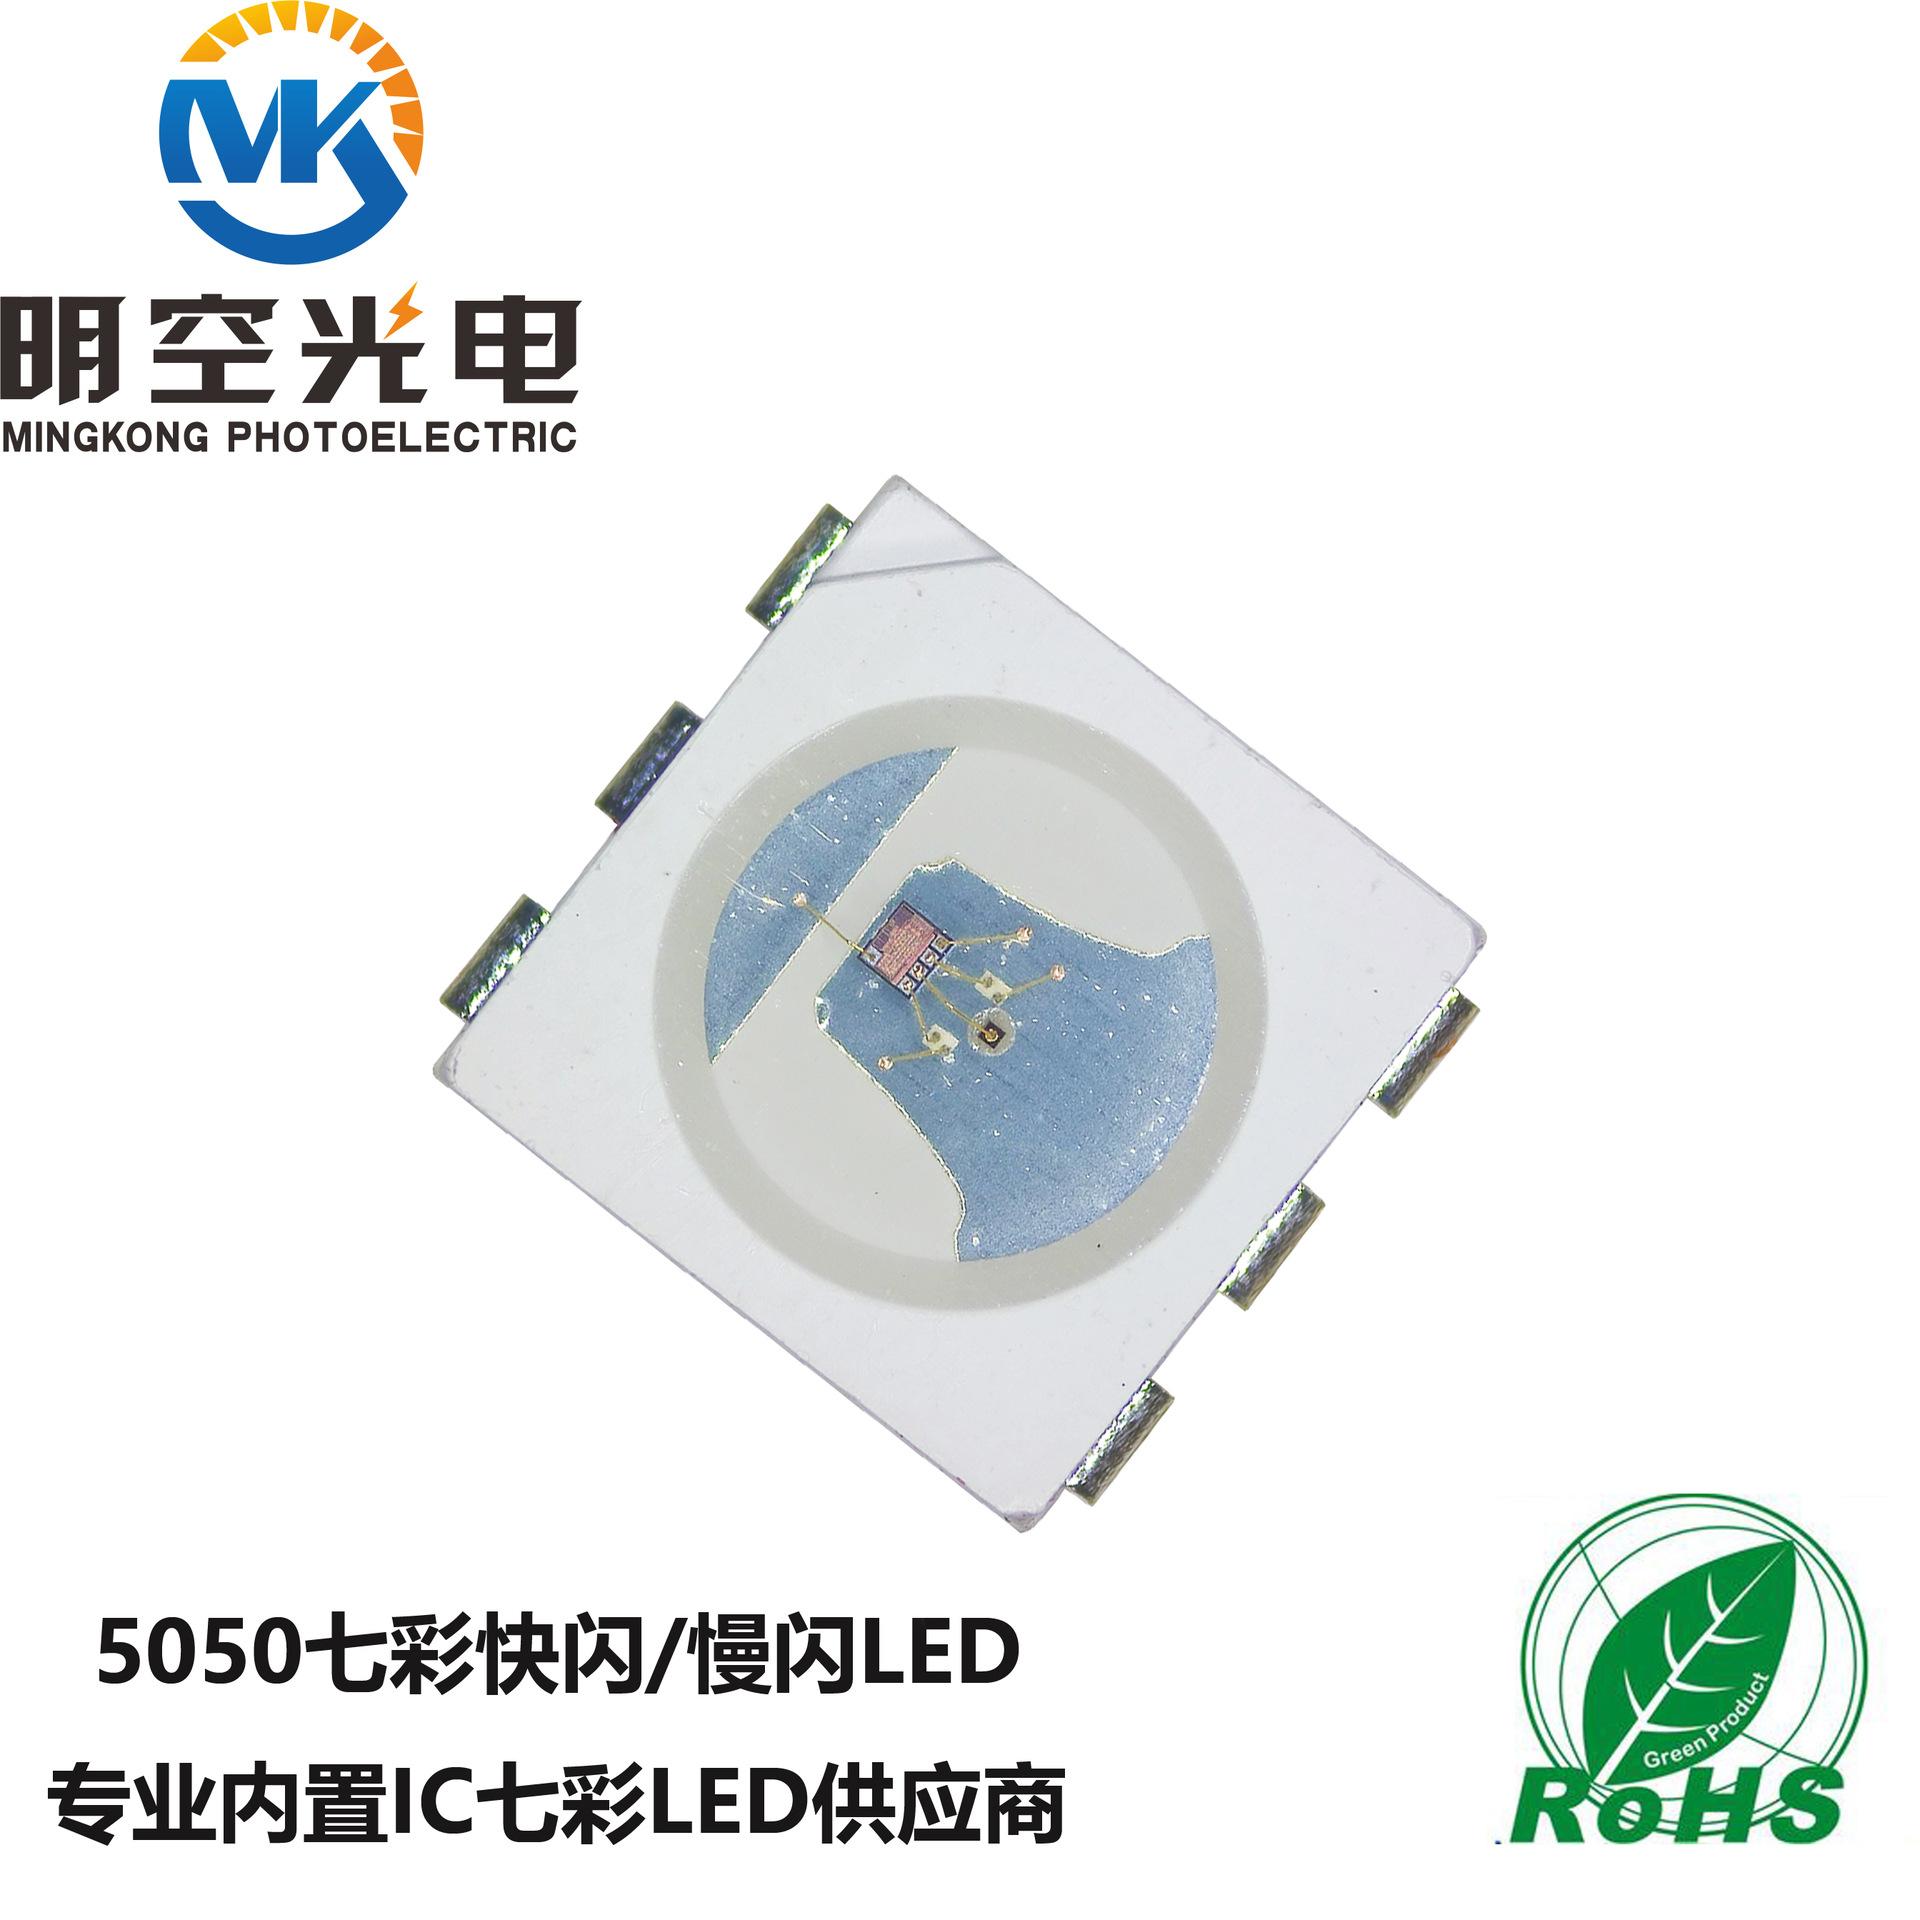 MKGD LED dán Đèn flash chậm đầy màu sắc flash chậm đầy màu sắc 5050 đèn flash chậm đầy màu sắc LED 5